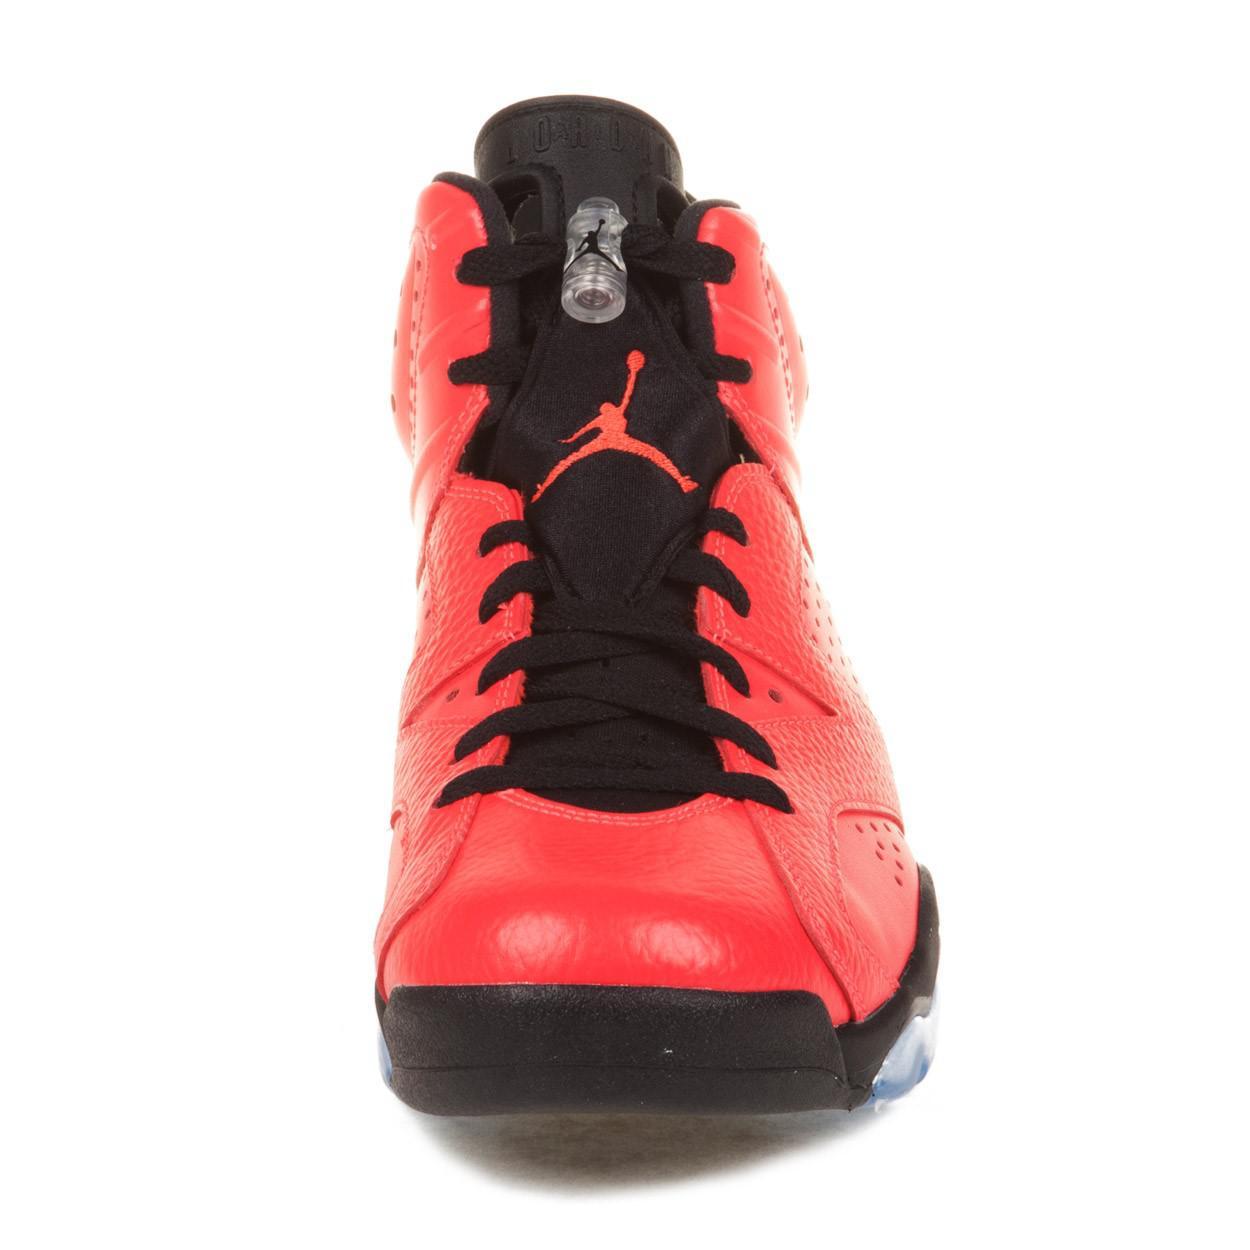 6d855a4efef Lyst - Nike Mens Air Jordan 6 Retro